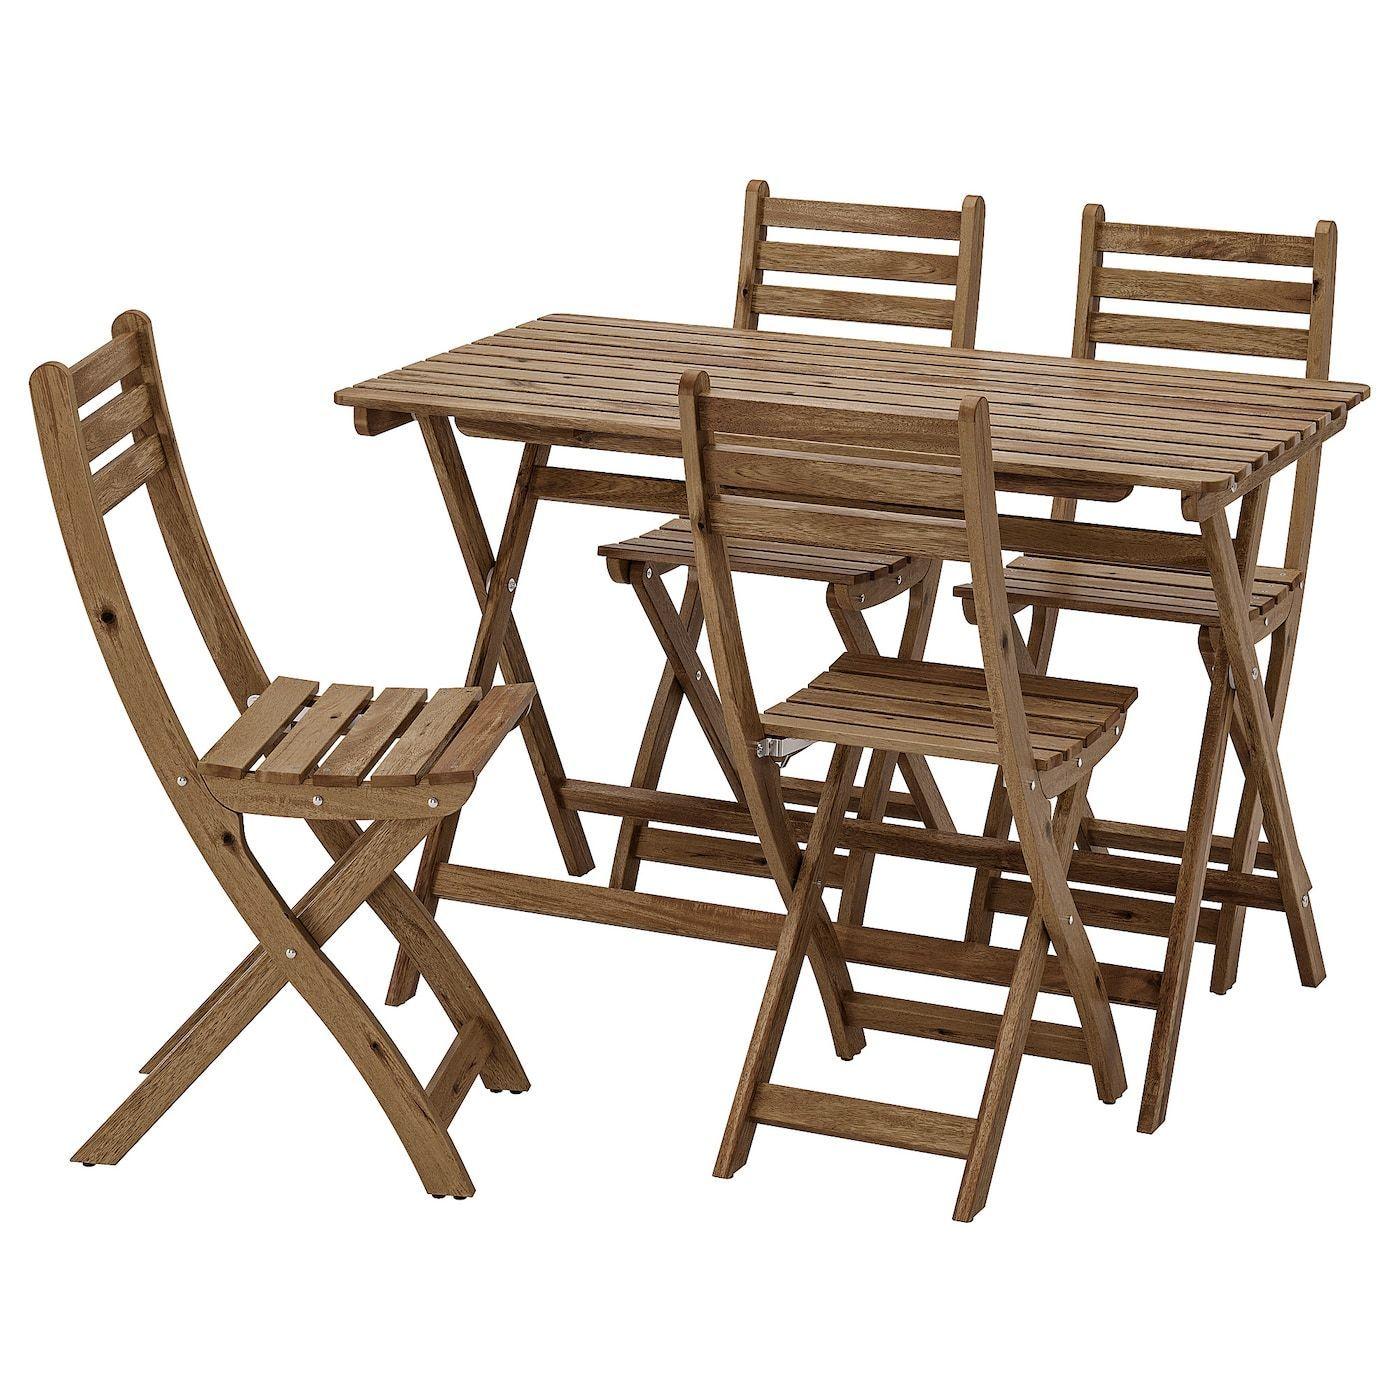 Full Size of Paravent Outdoor Ikea Askholmen Chairs Graybrown Gartentisch Küche Kosten Sofa Mit Schlaffunktion Kaufen Edelstahl Miniküche Modulküche Garten Betten Wohnzimmer Paravent Outdoor Ikea